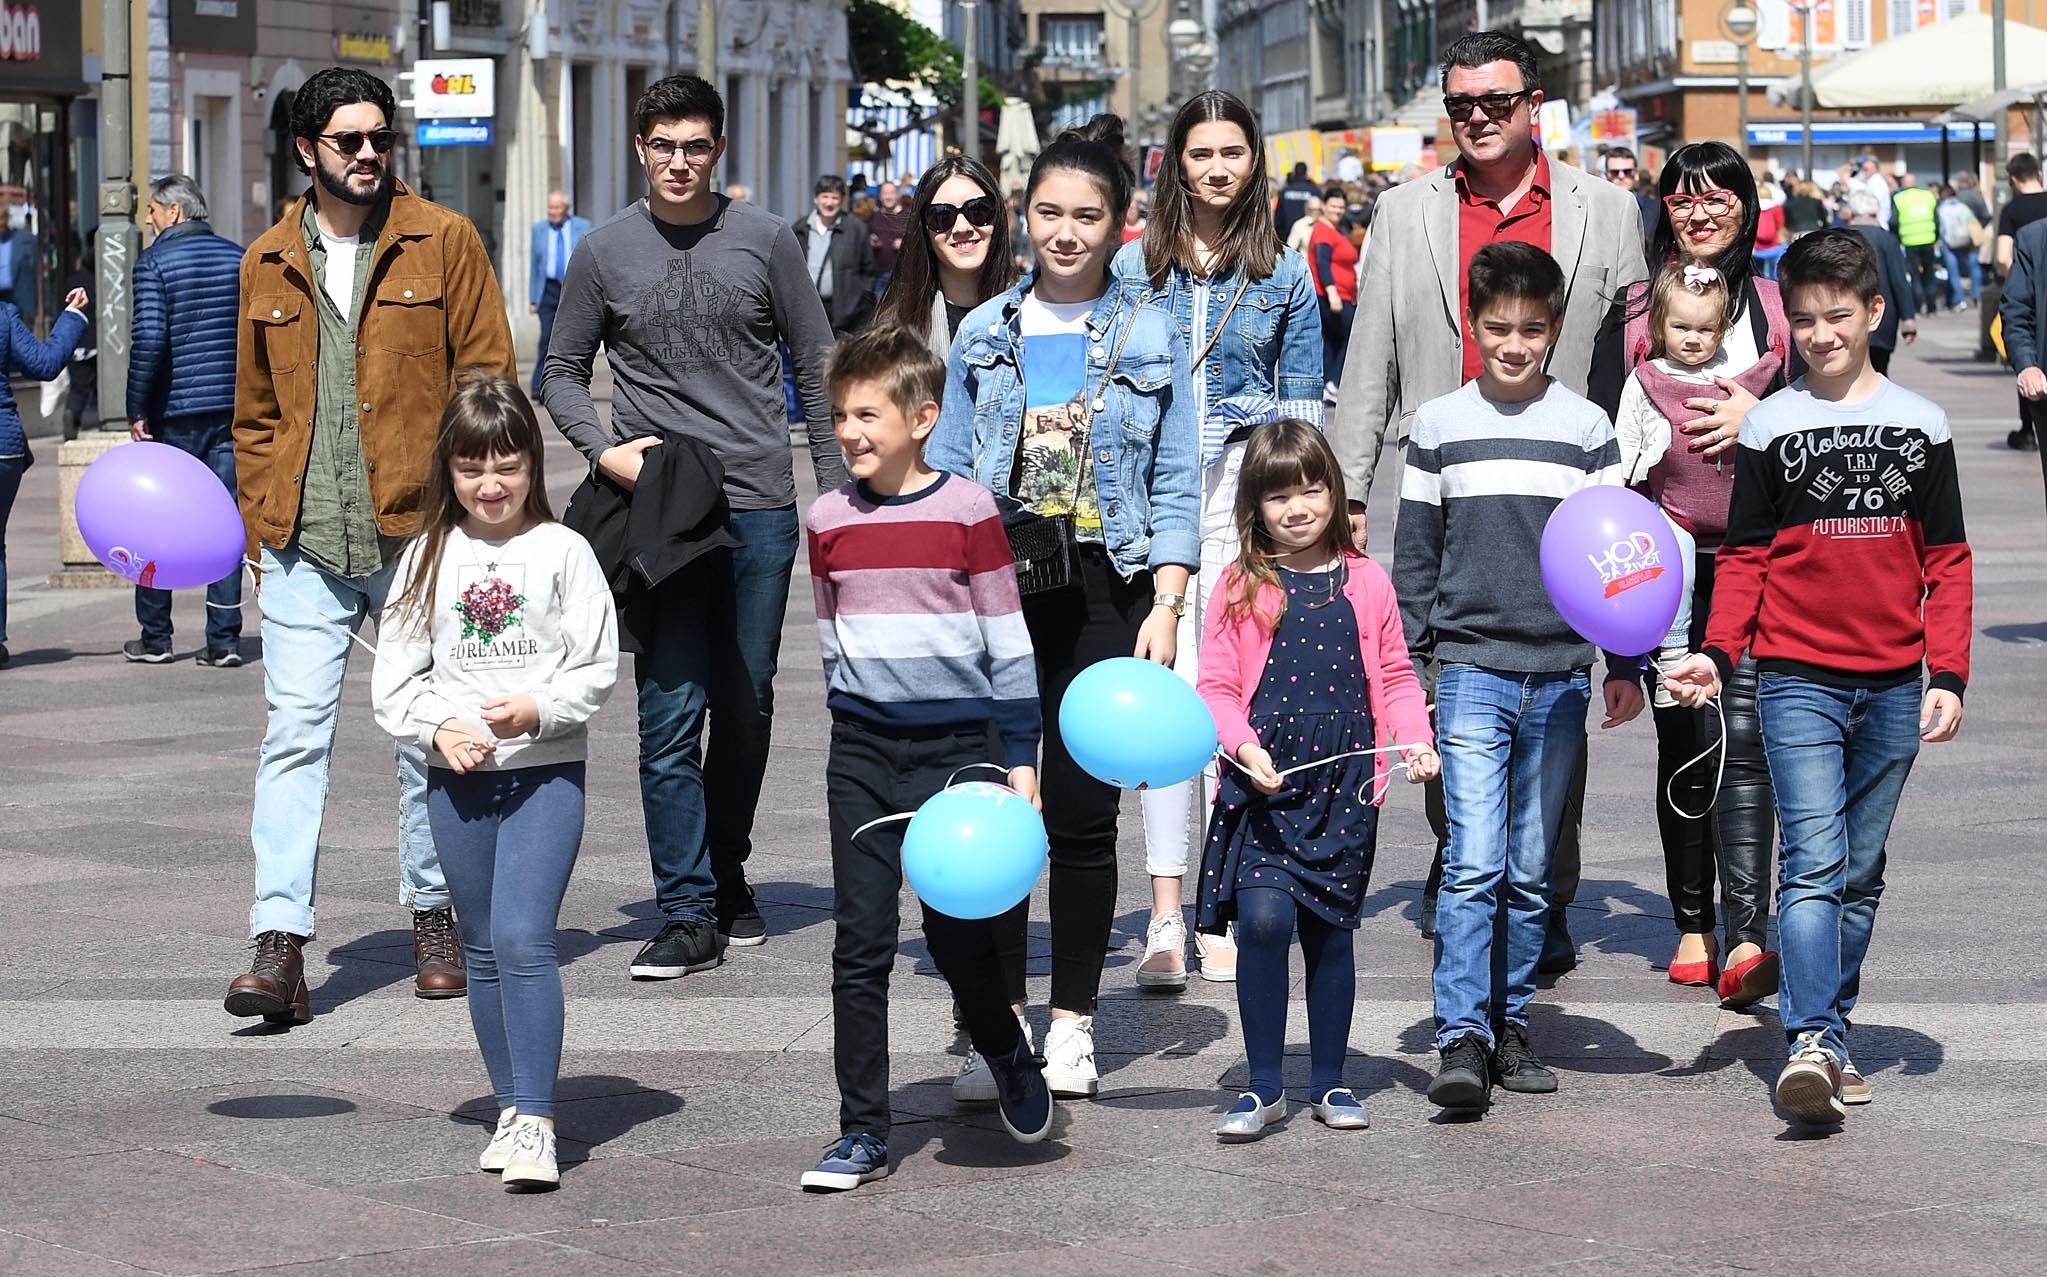 Obitelj Toljanić snimljena u svibnju 2019. / Snimio Ivica TOMIĆ